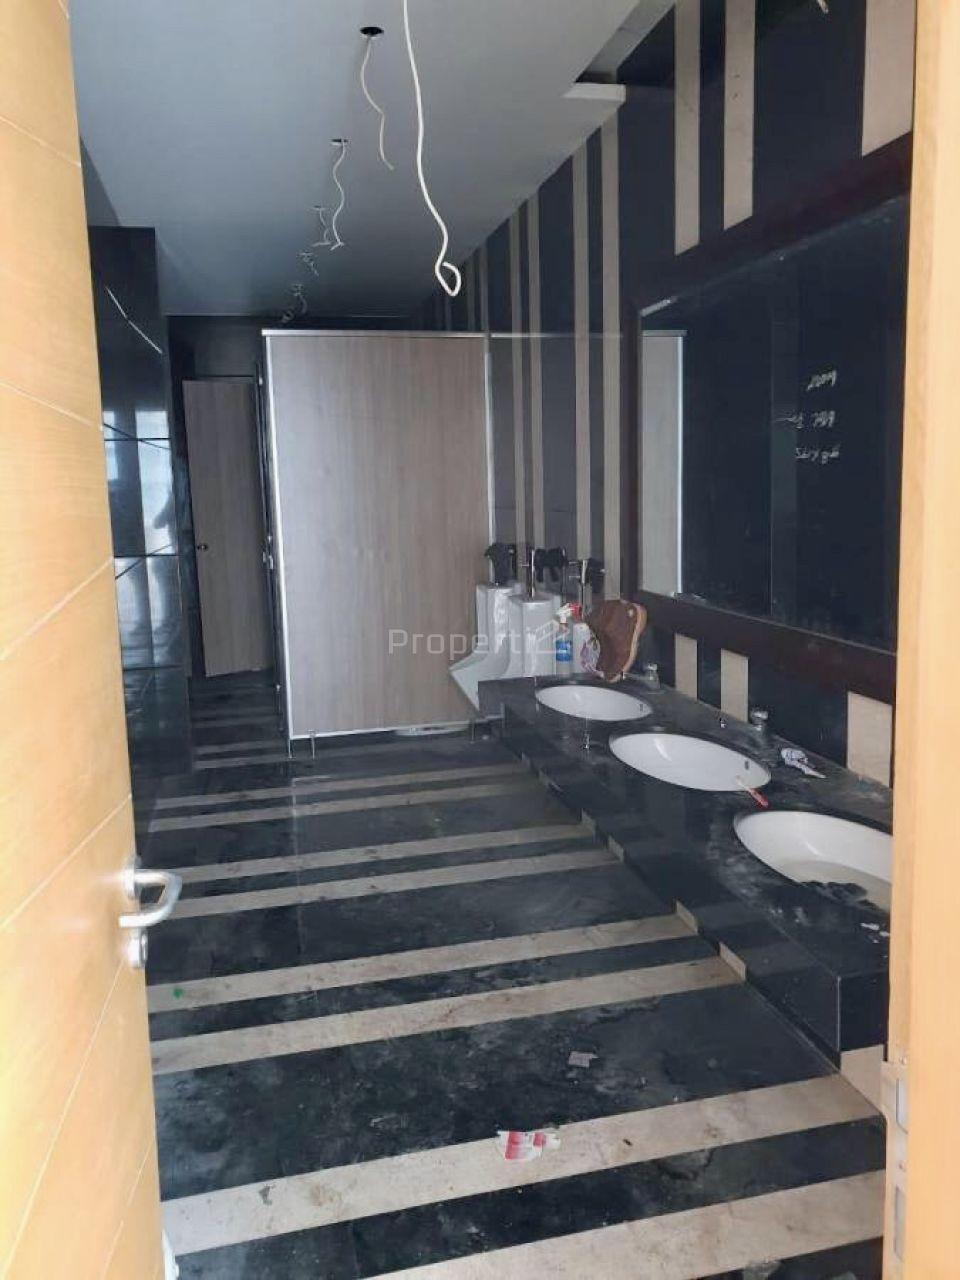 Gedung Baru di Kebon Sirih, Menteng, Jakarta Pusat, Menteng